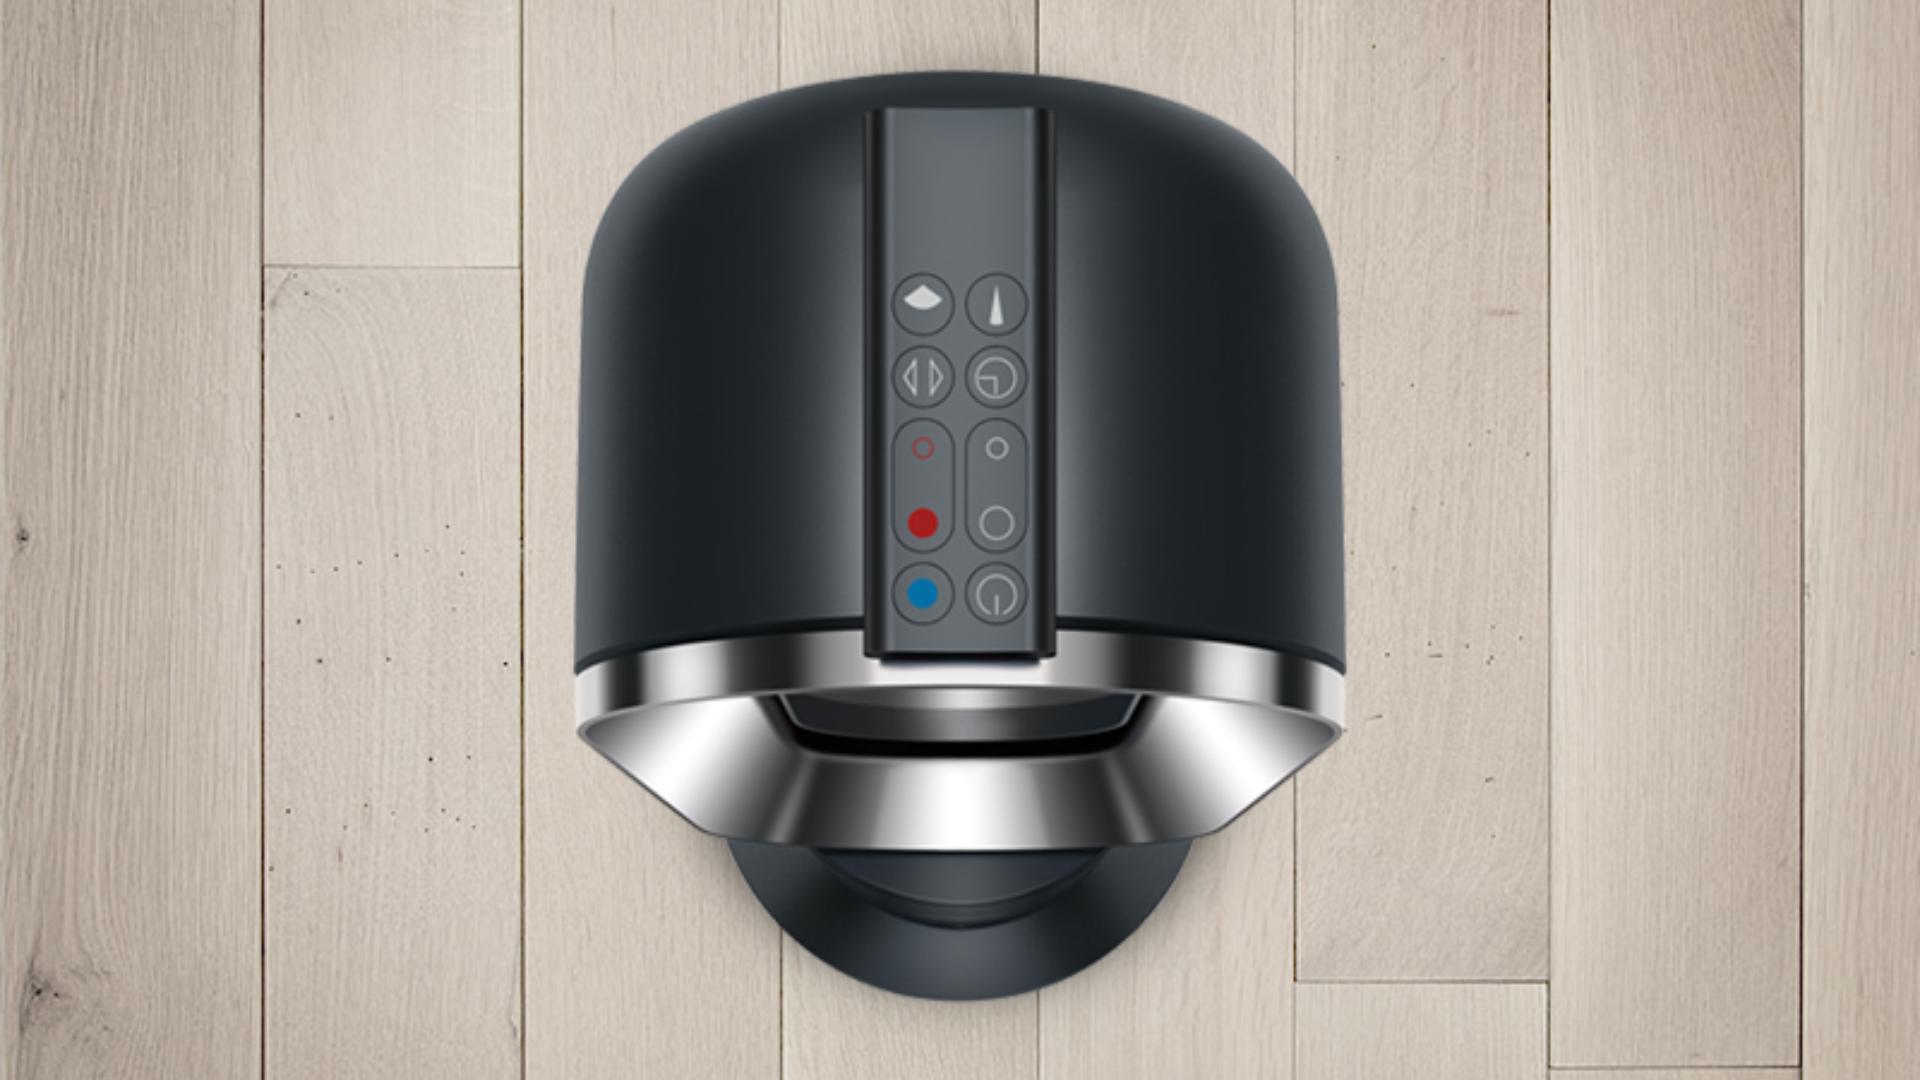 Remote control on Dyson fan heater